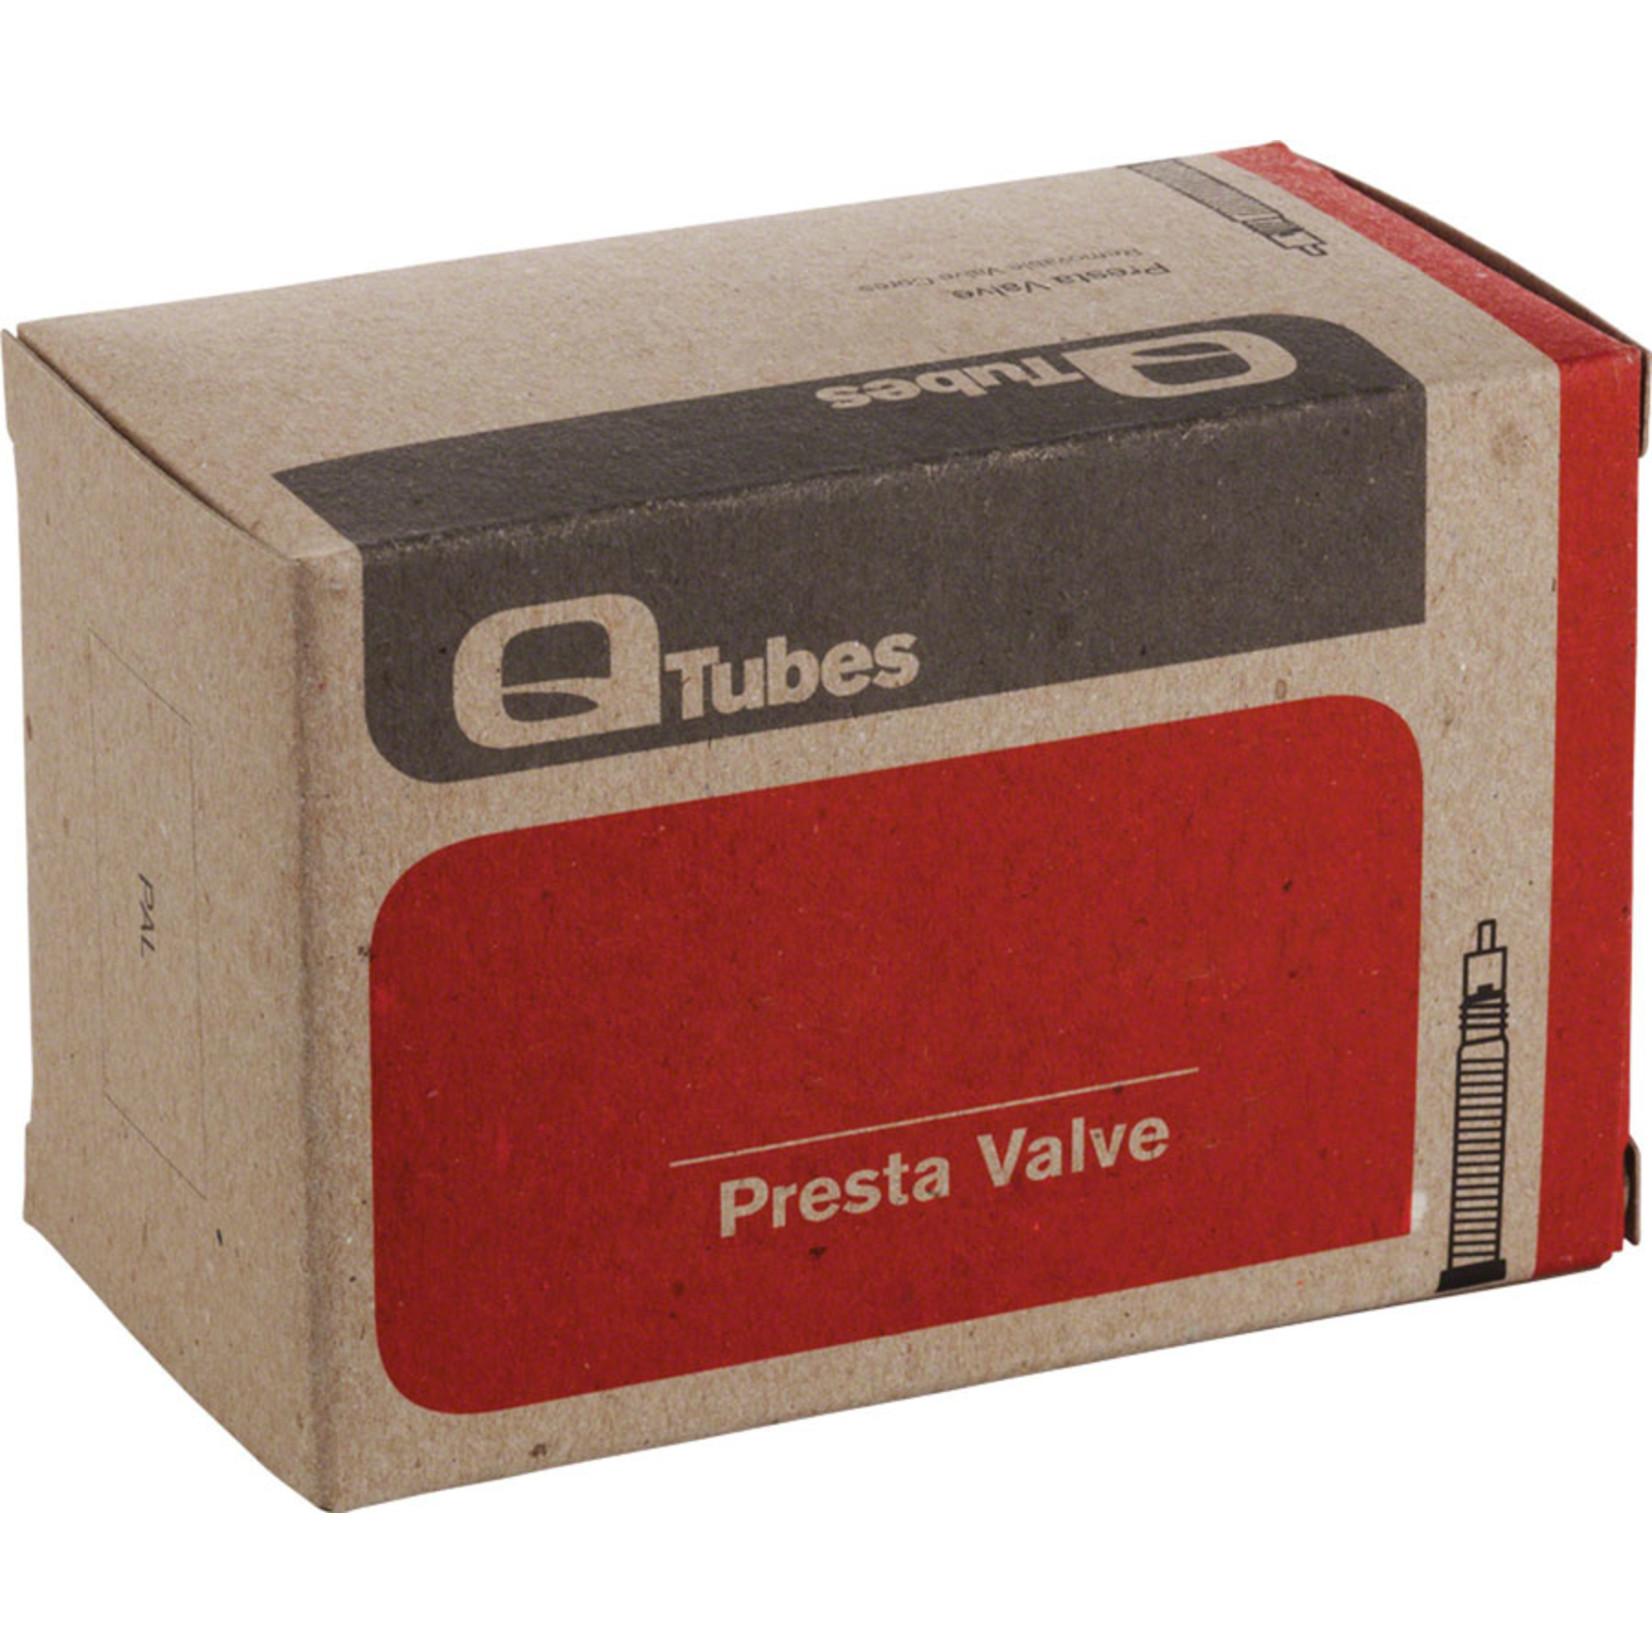 Q-Tubes Q-Tubes Thorn Resistant 700c x 35-43mm 32mm Presta Valve Tube  438g